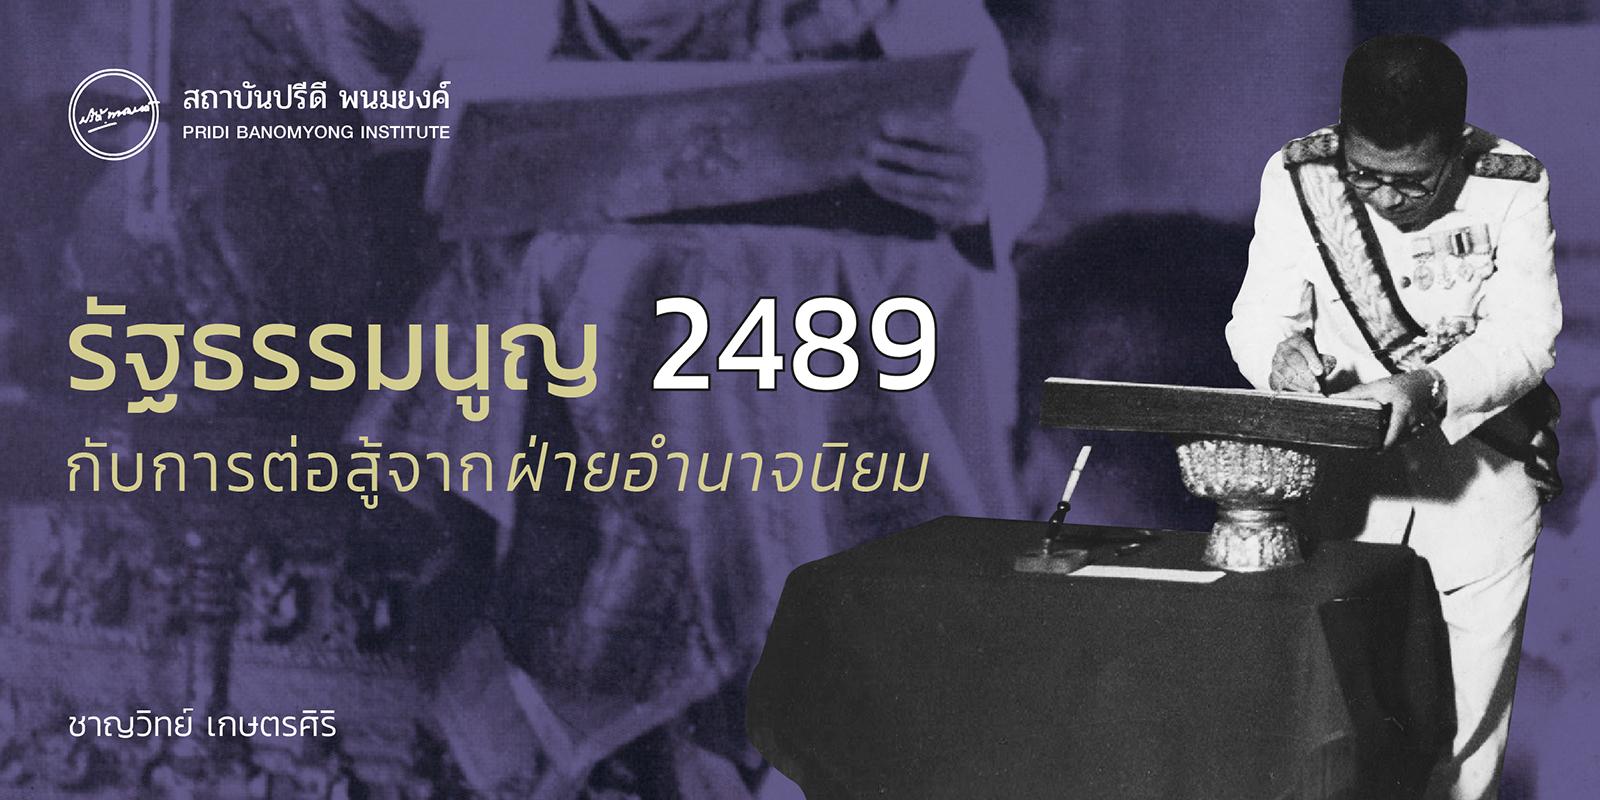 รัฐธรรมนูญ 2489 กับการต่อสู้จากฝ่ายอำนาจนิยม